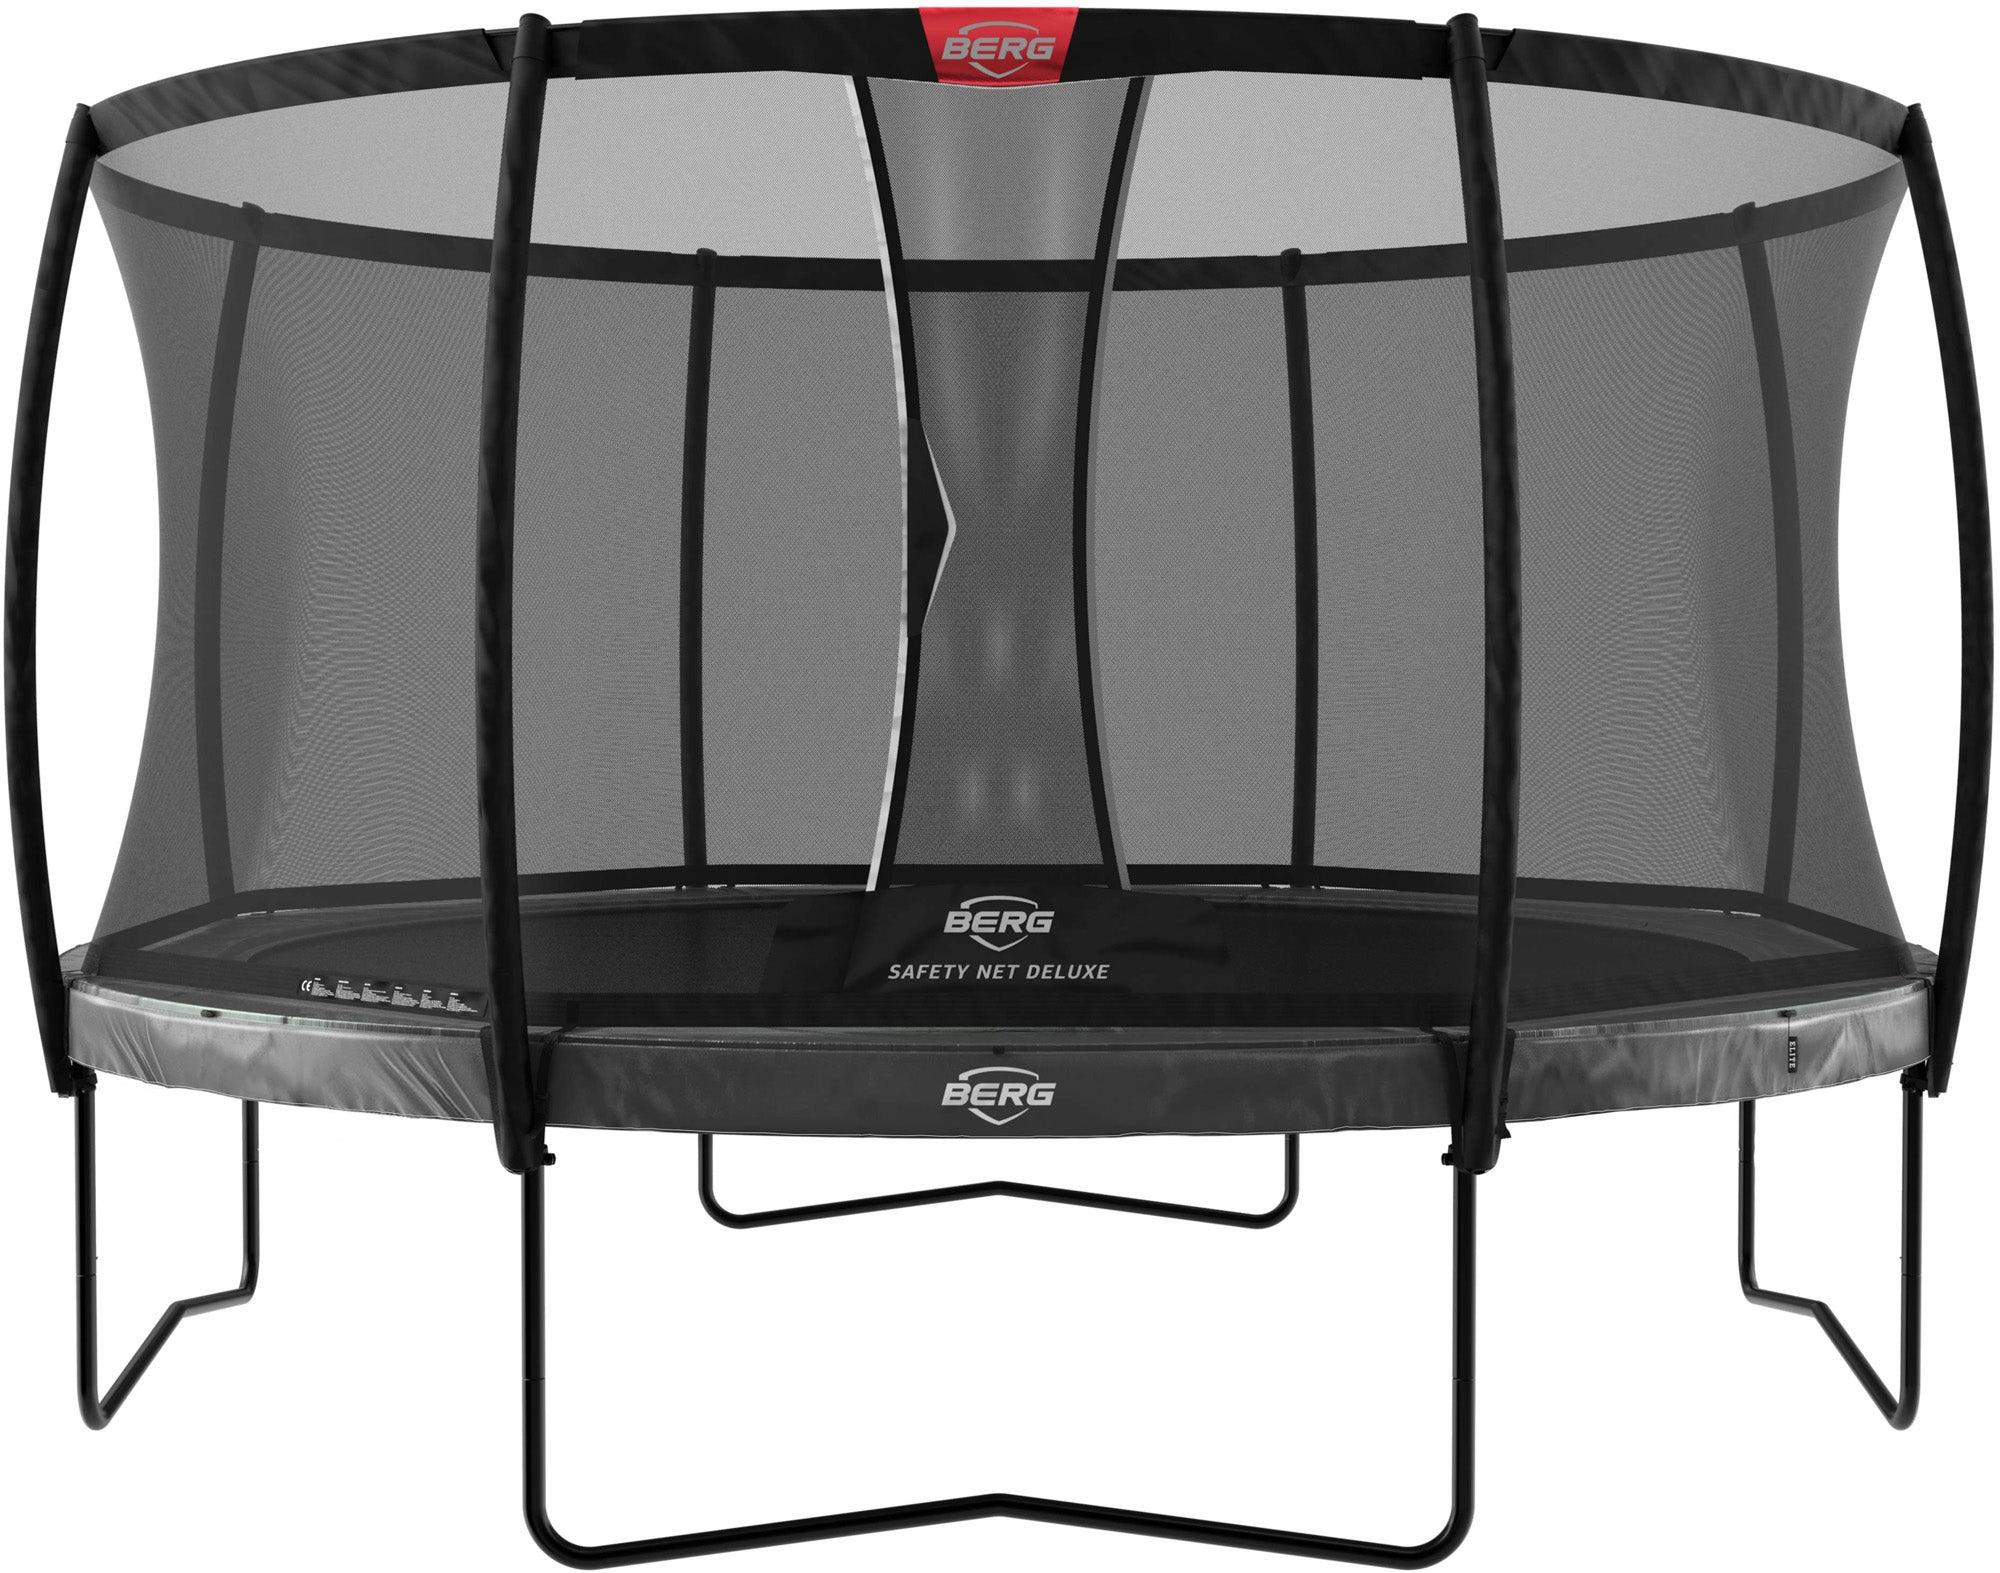 BERG Elite Regular Studsmatta 430 inkl Deluxe Säkerhetsnät, Grå